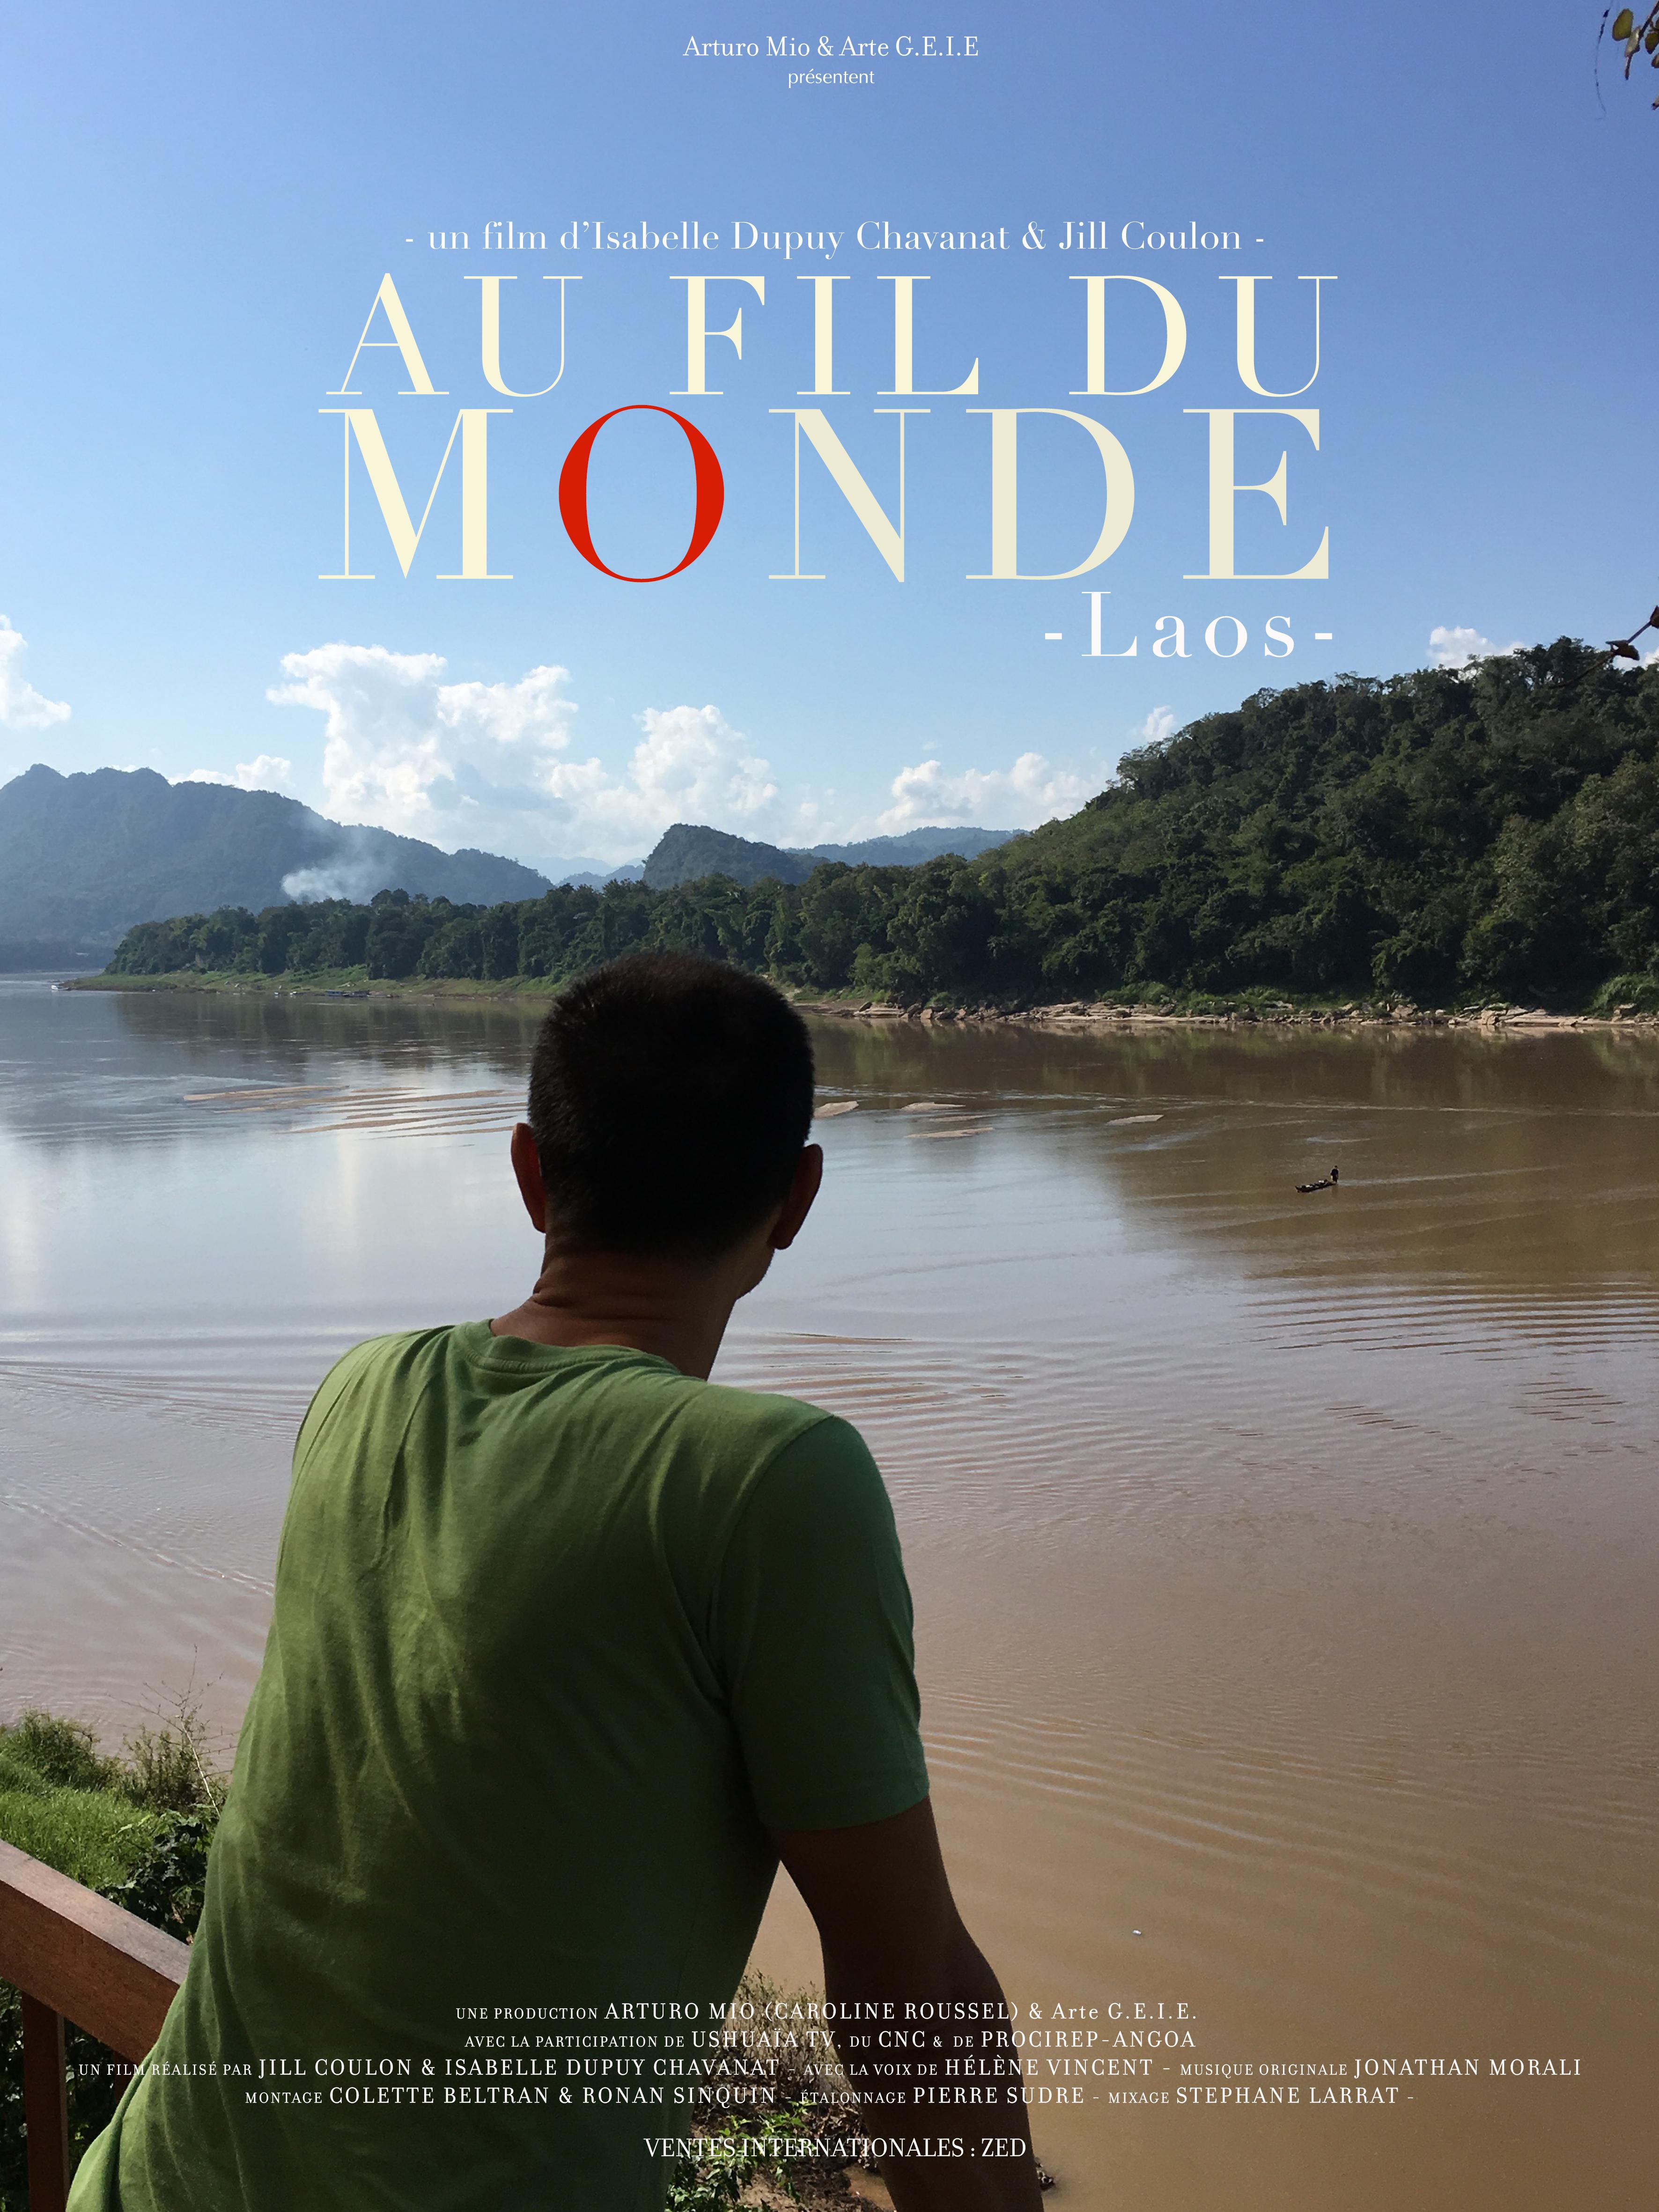 Au fil du monde Laos